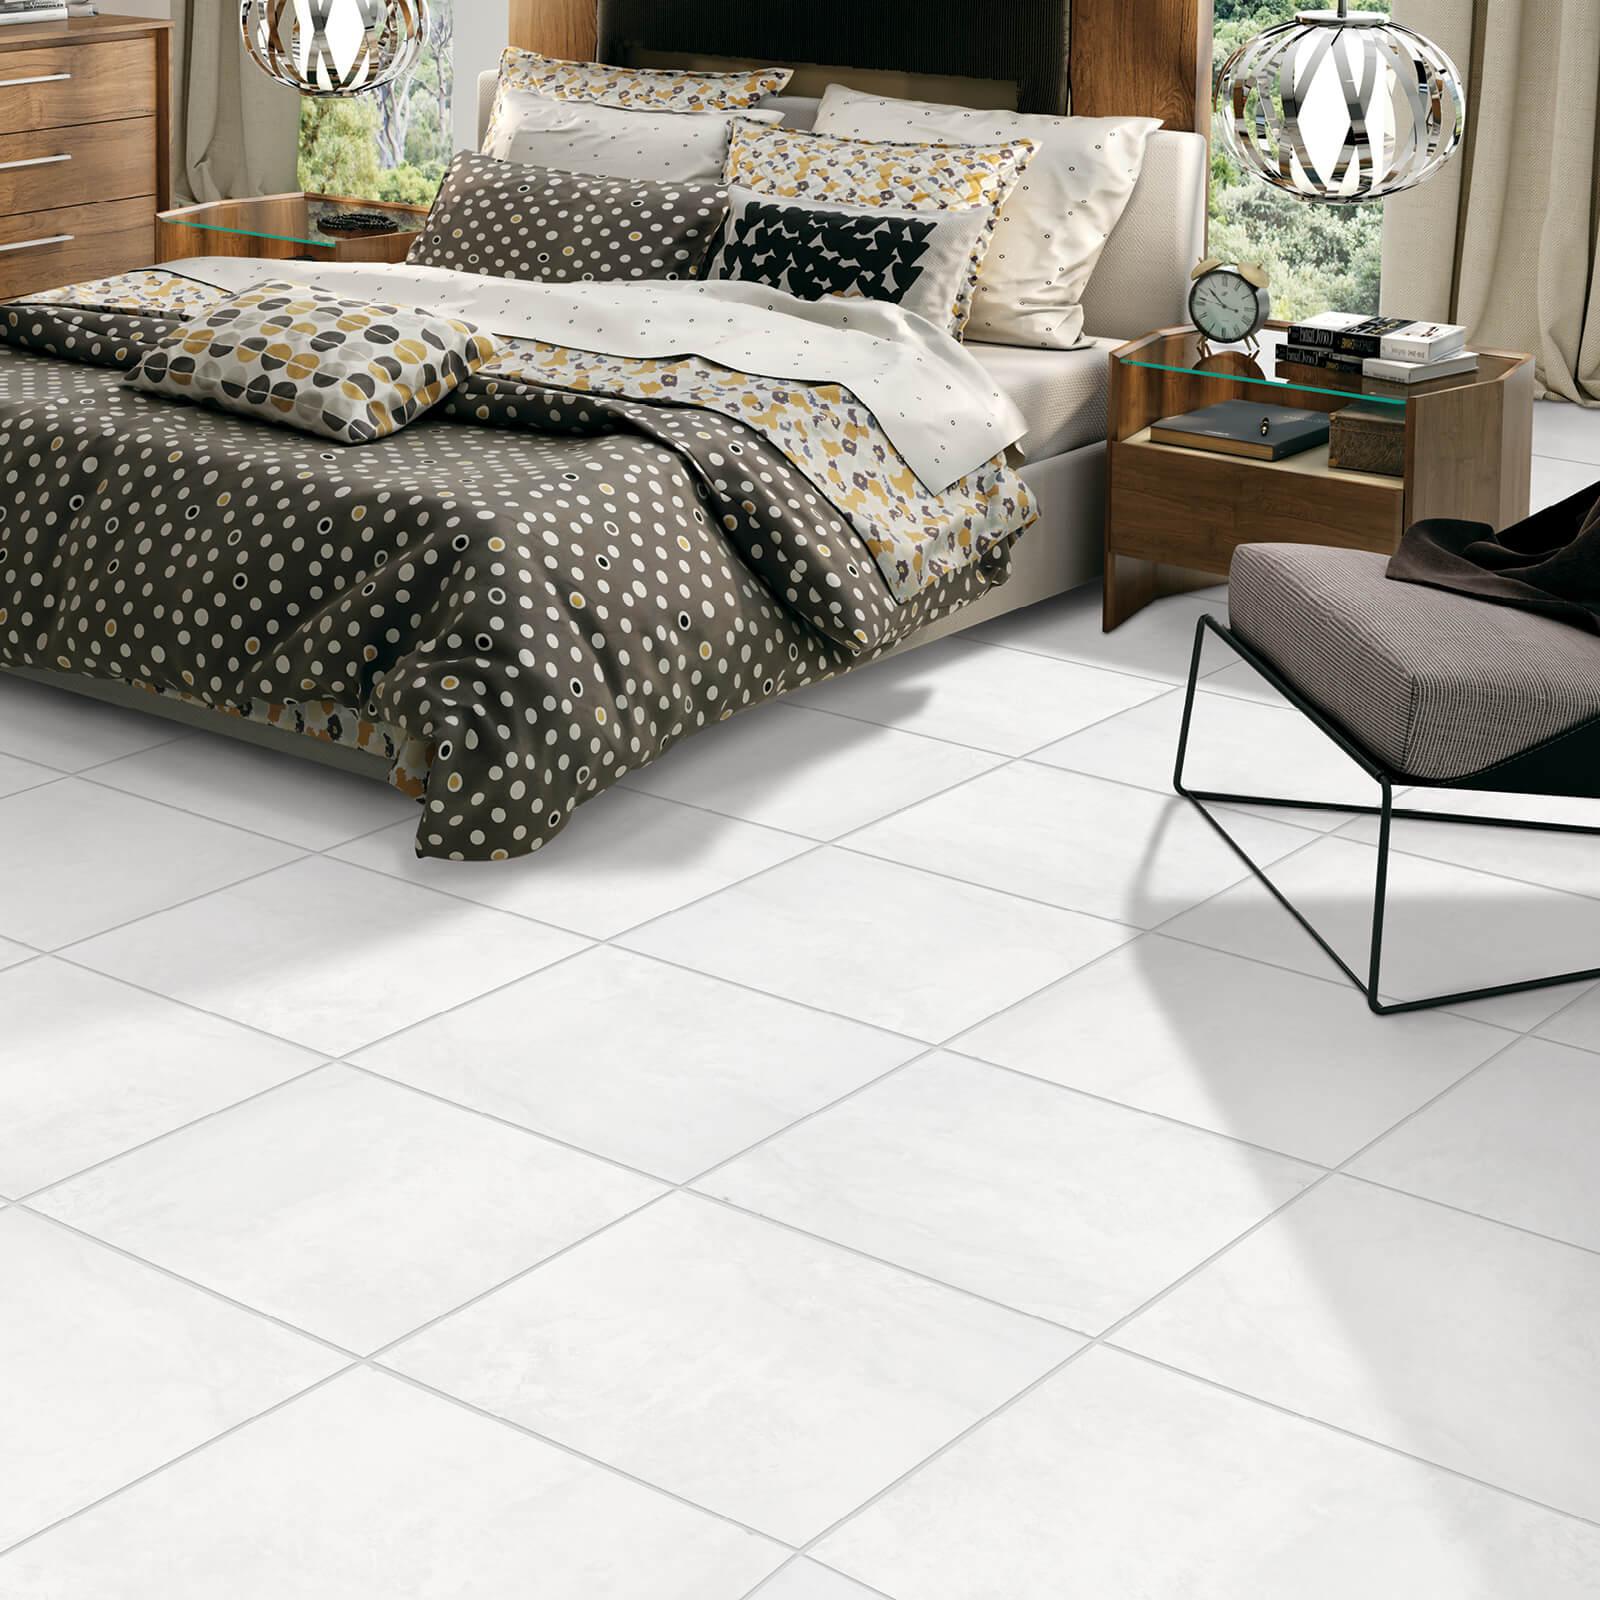 Tile in Bedroom   Haley's Flooring & Interiors